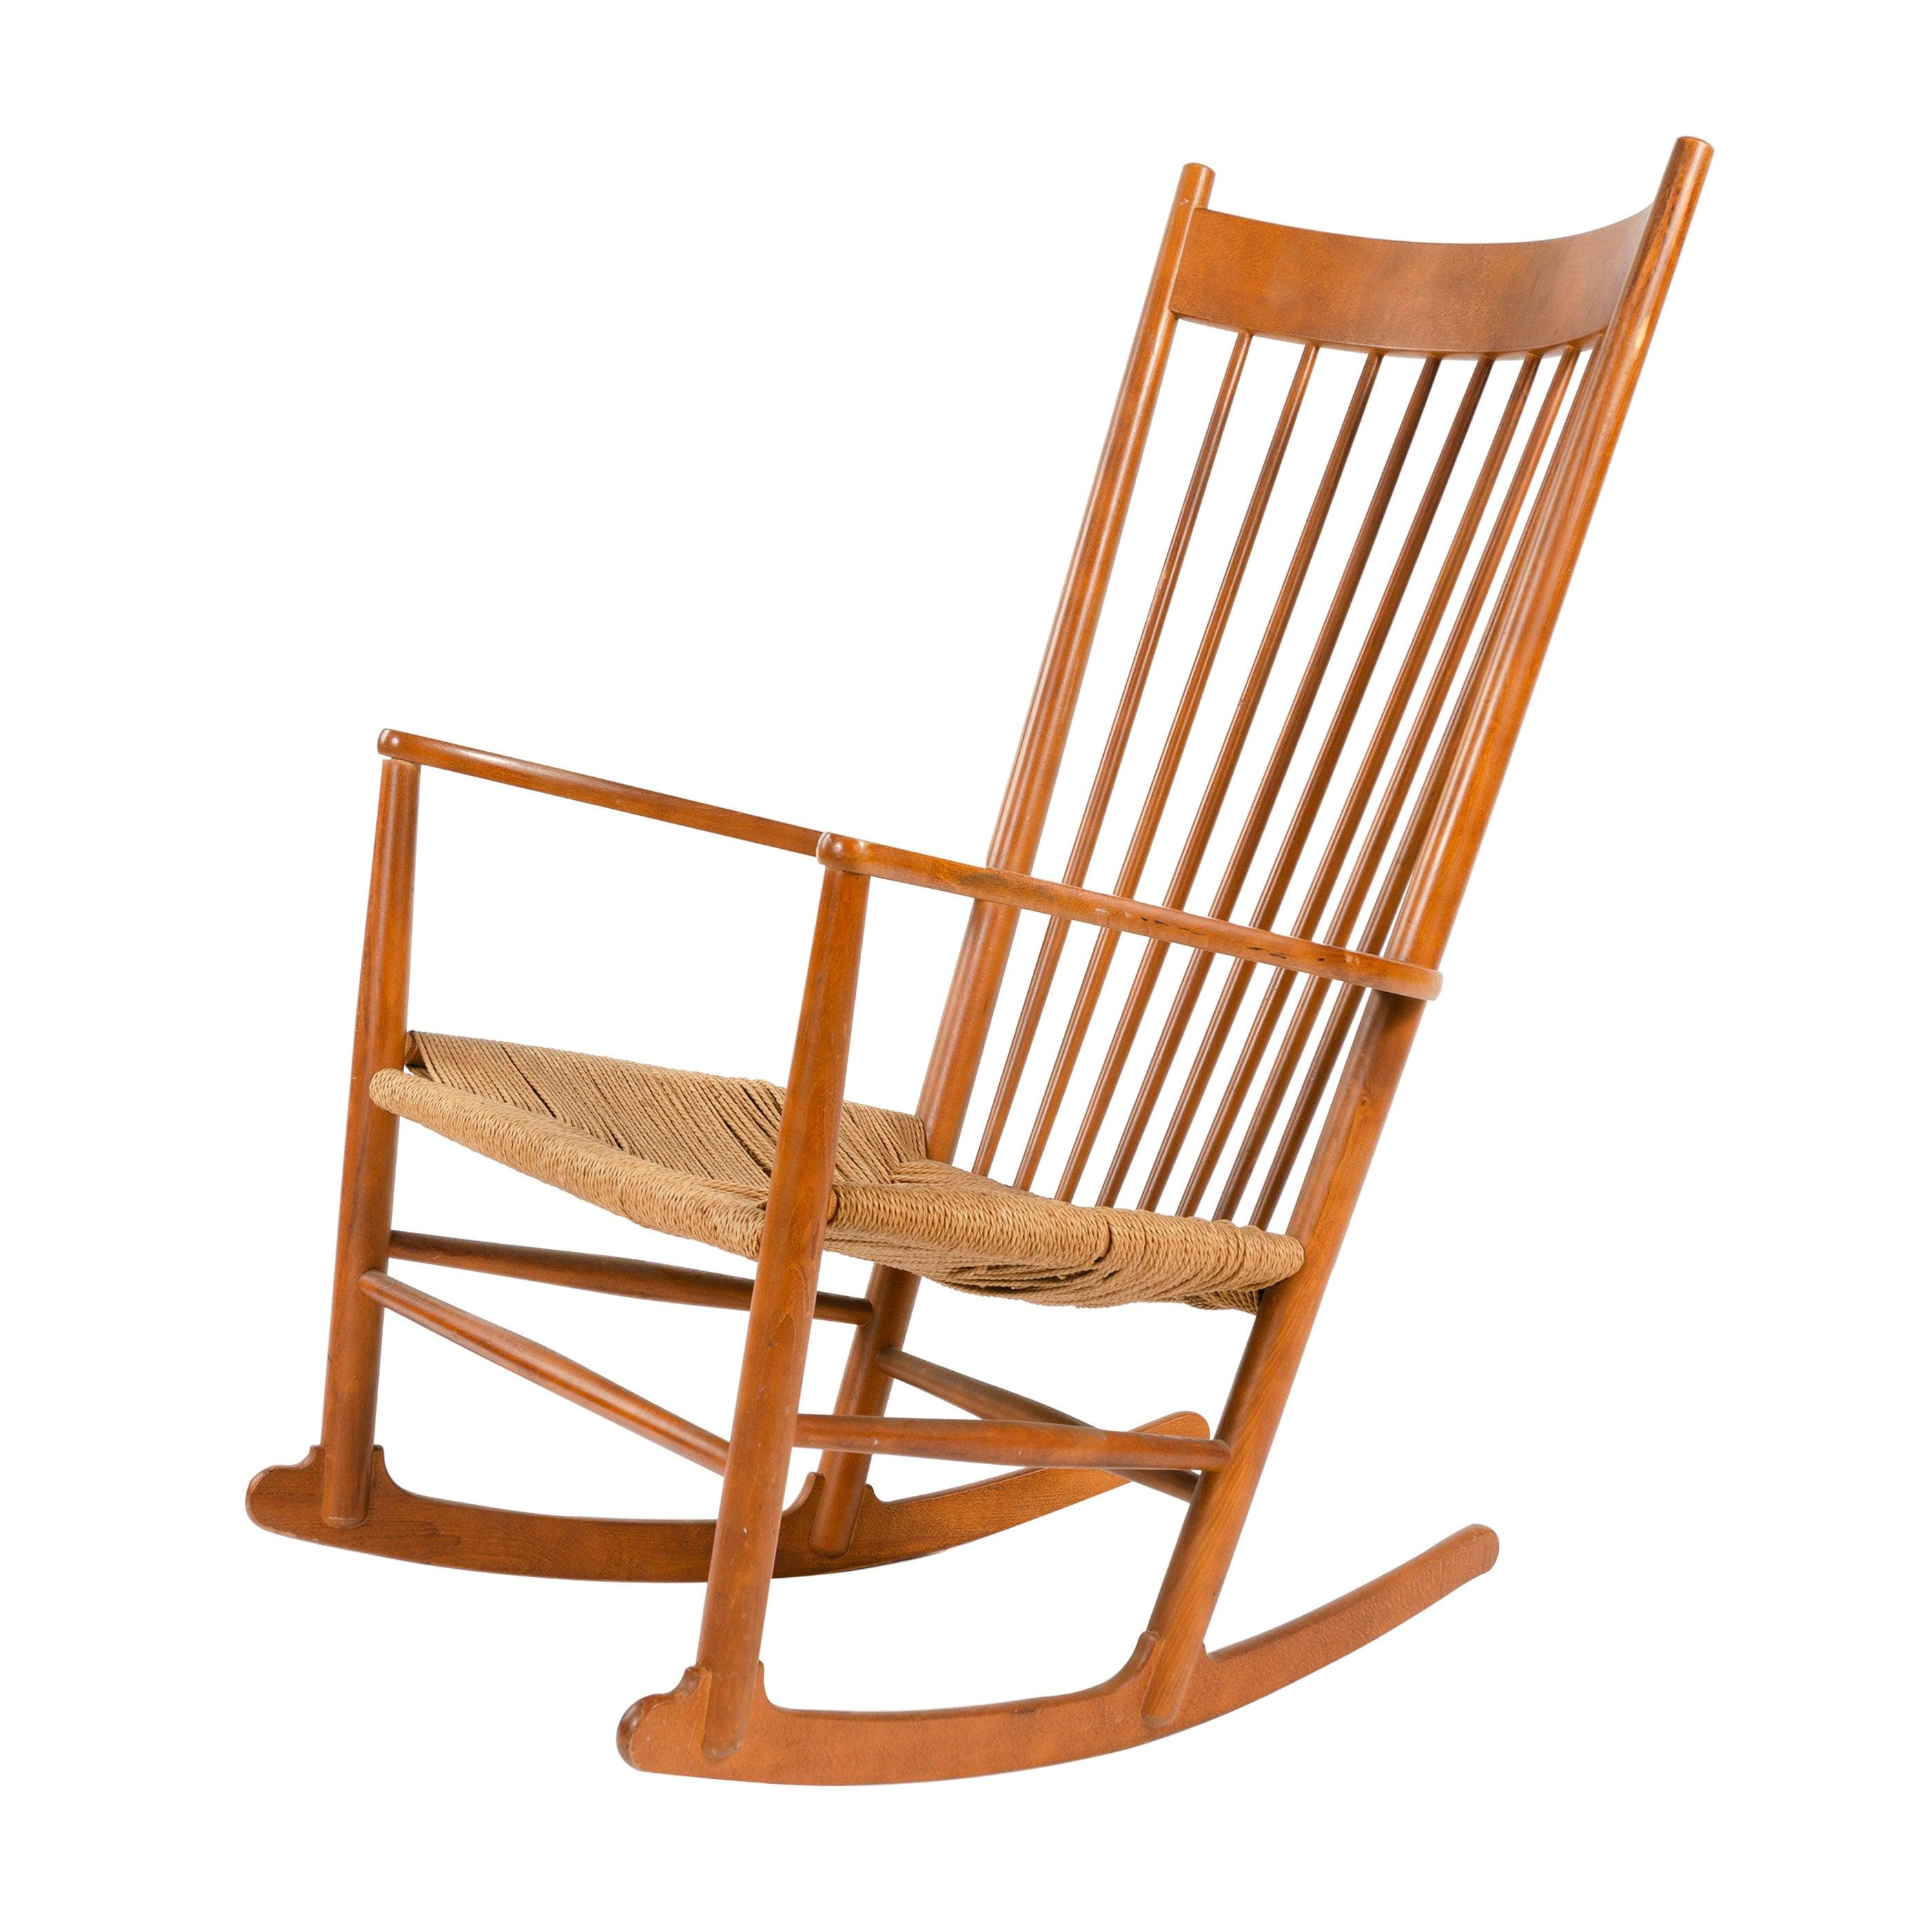 1970s Danish Shaker Rocking Chair by Hans J. Wegner